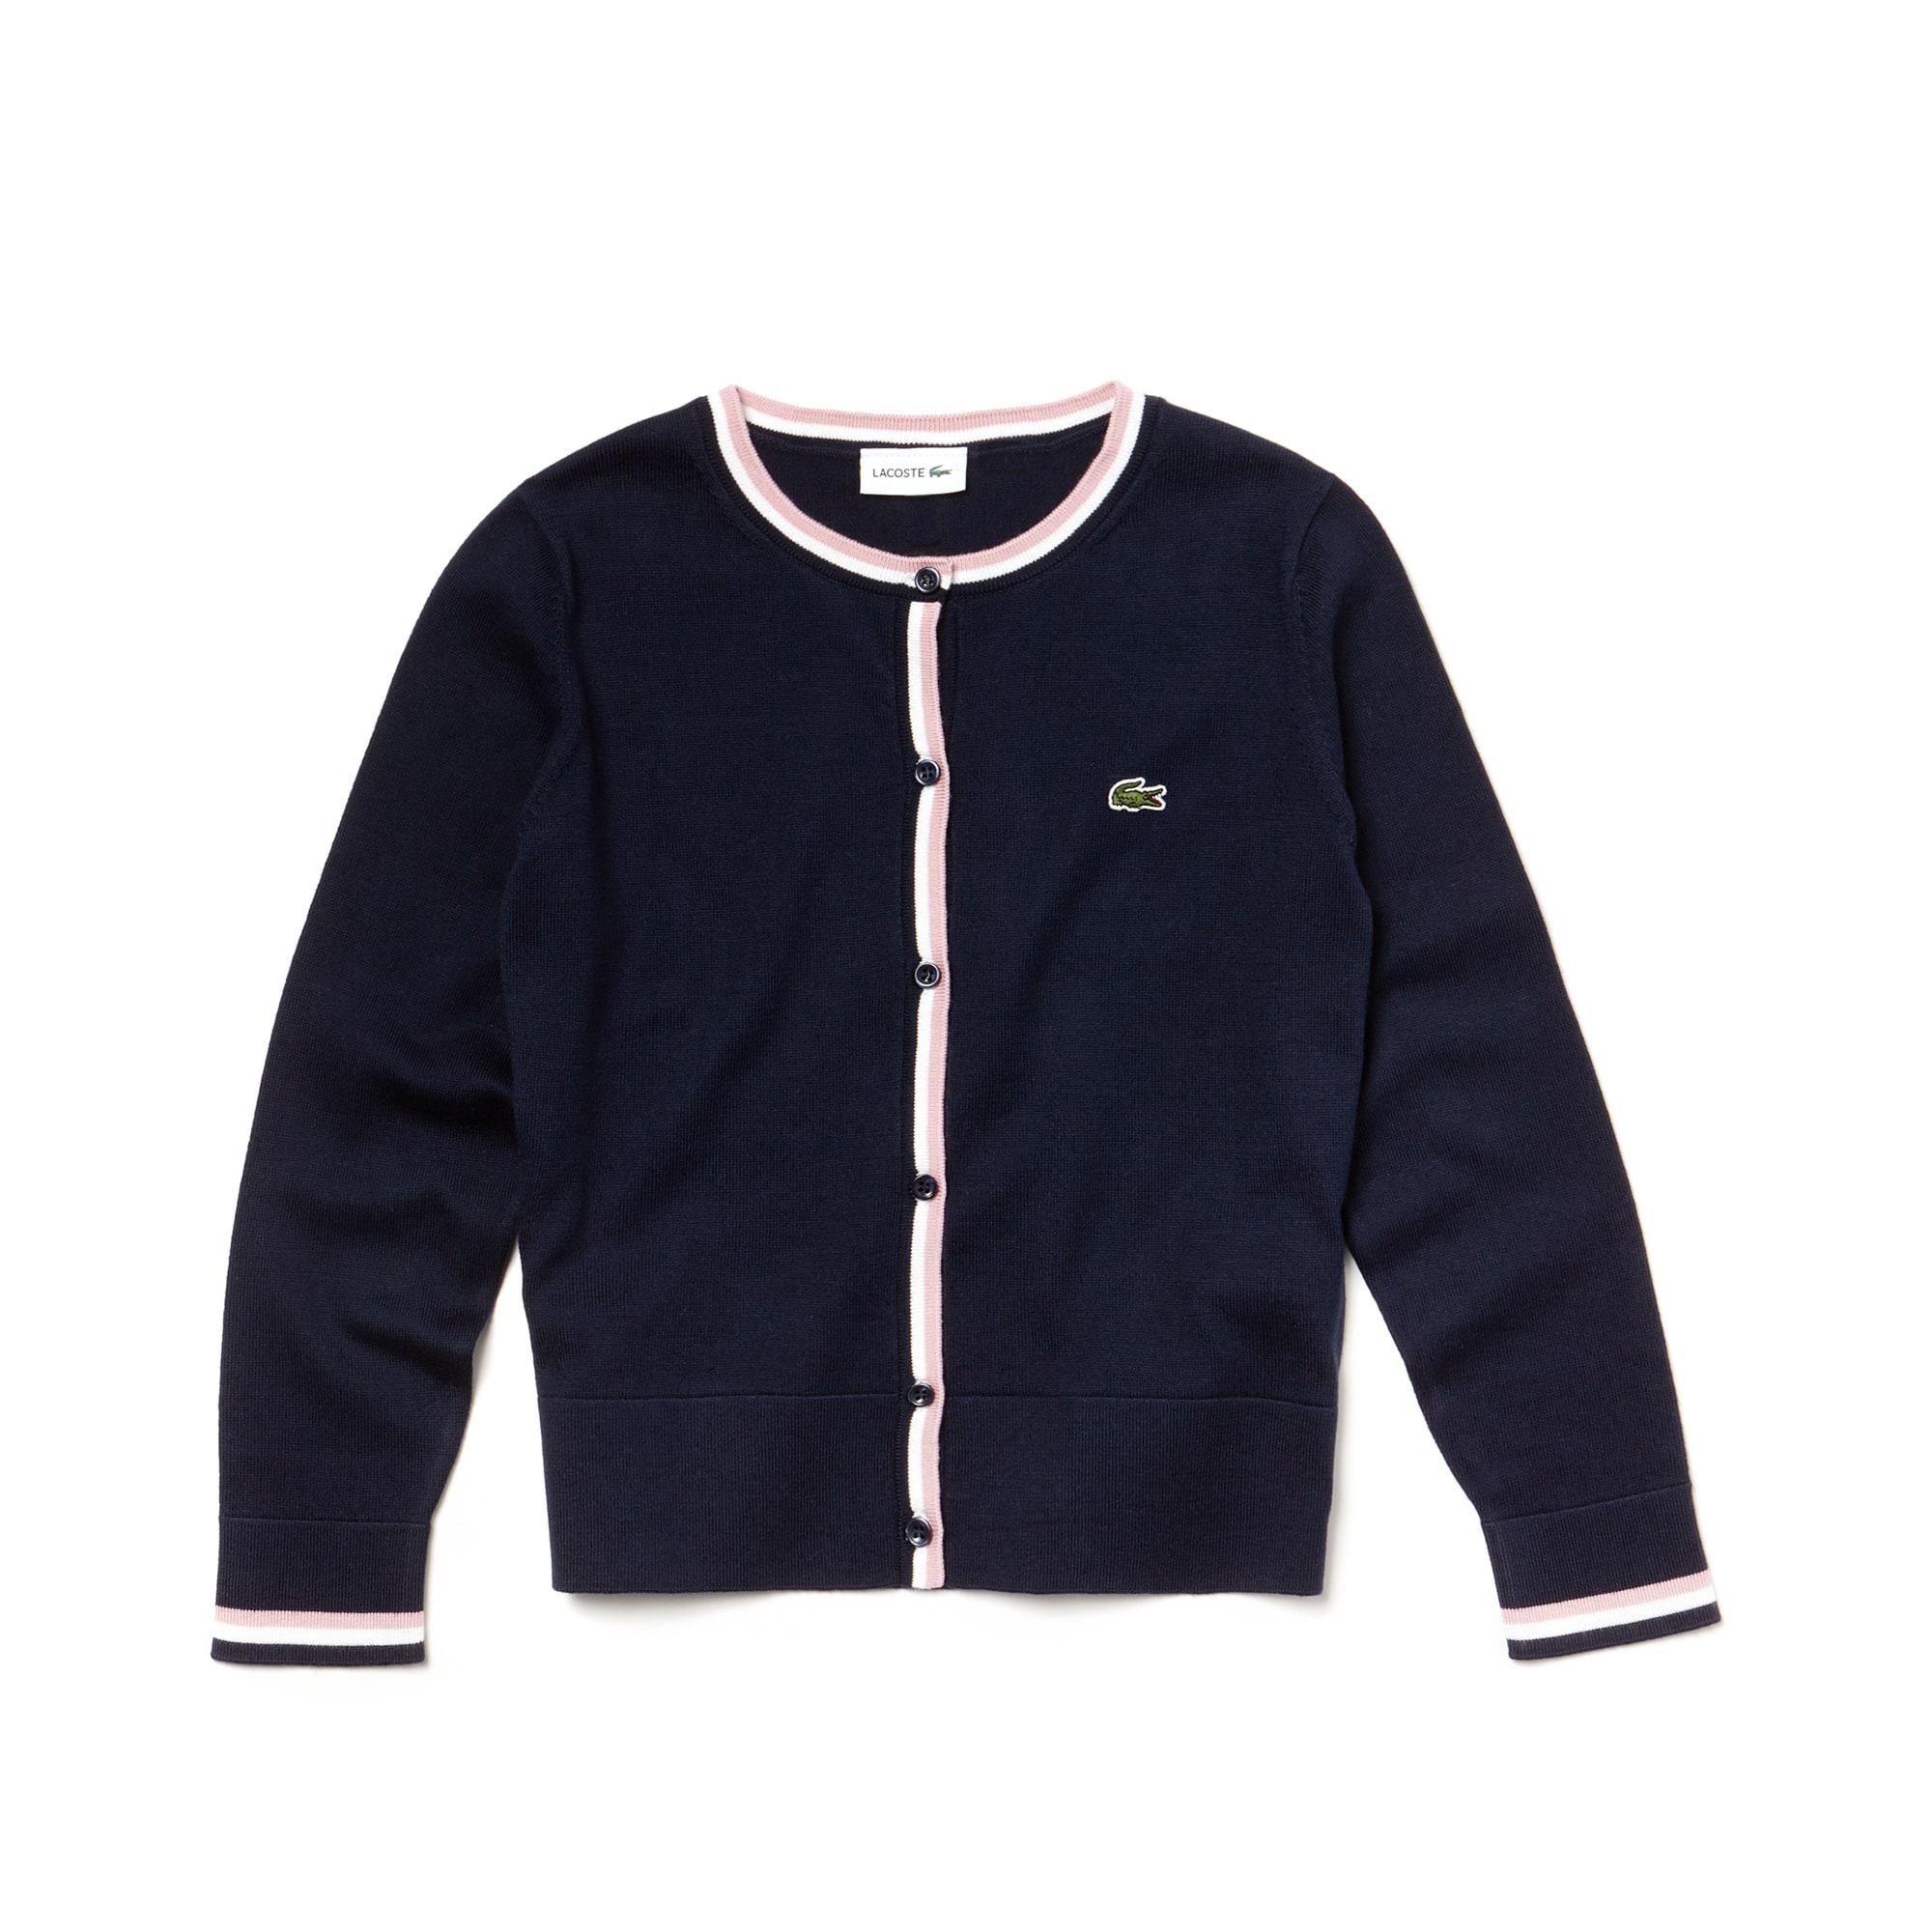 Pullover da bambina in jersey di cotone con finiture a contrasto